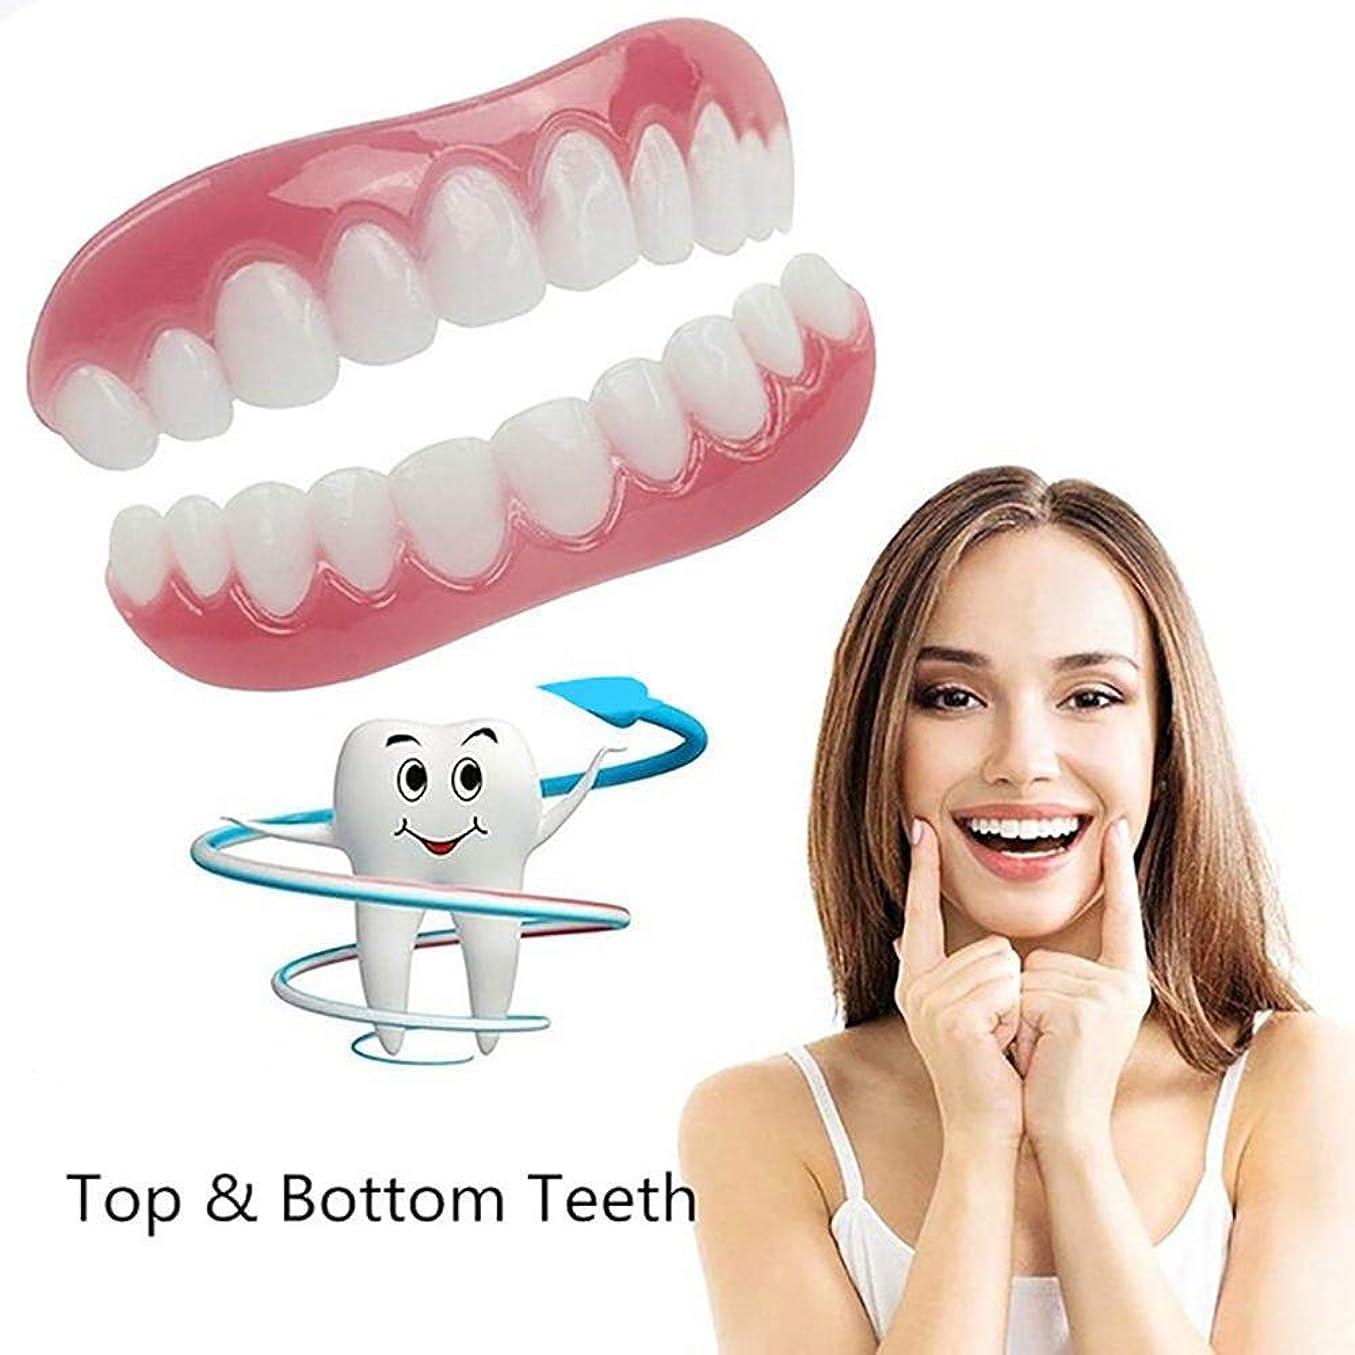 再生告白吹きさらし歯ブレース化粧品ホワイトニング偽の歯模擬義歯上と下悪い変身自信を持って笑顔ボックスと上下の歯セット,8Pairs